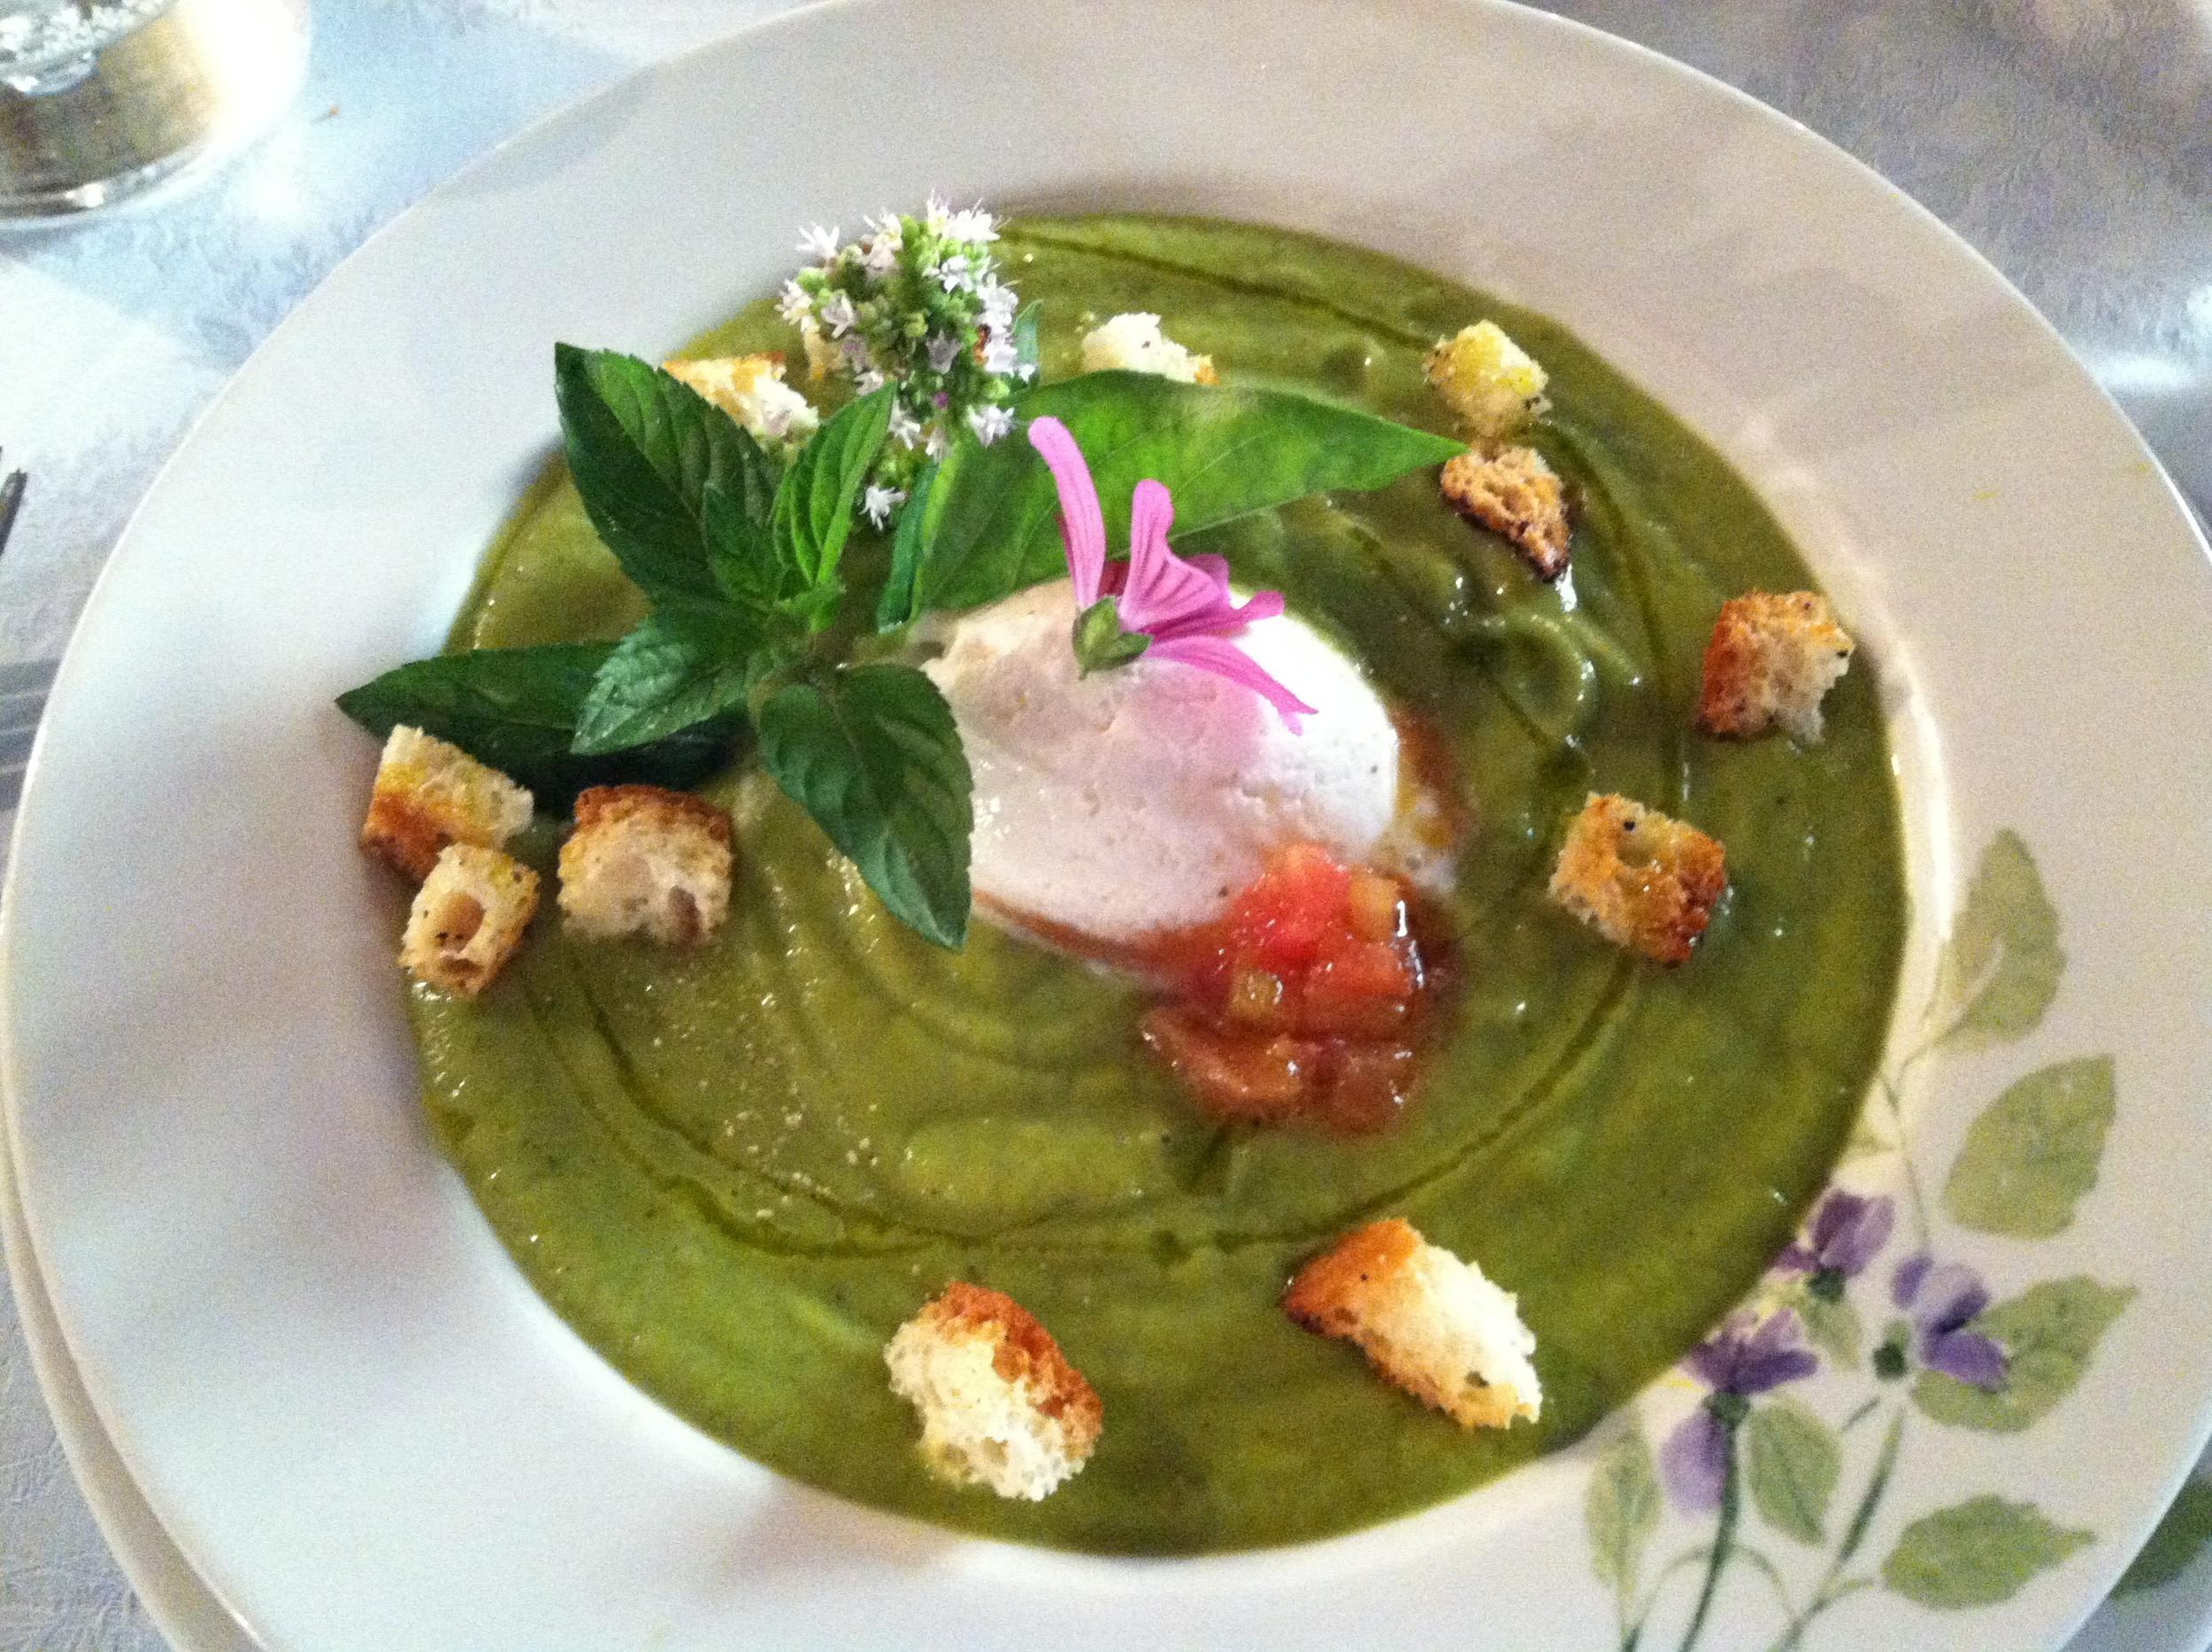 Zucchini soup at Locanda del Glicine in the Maremma